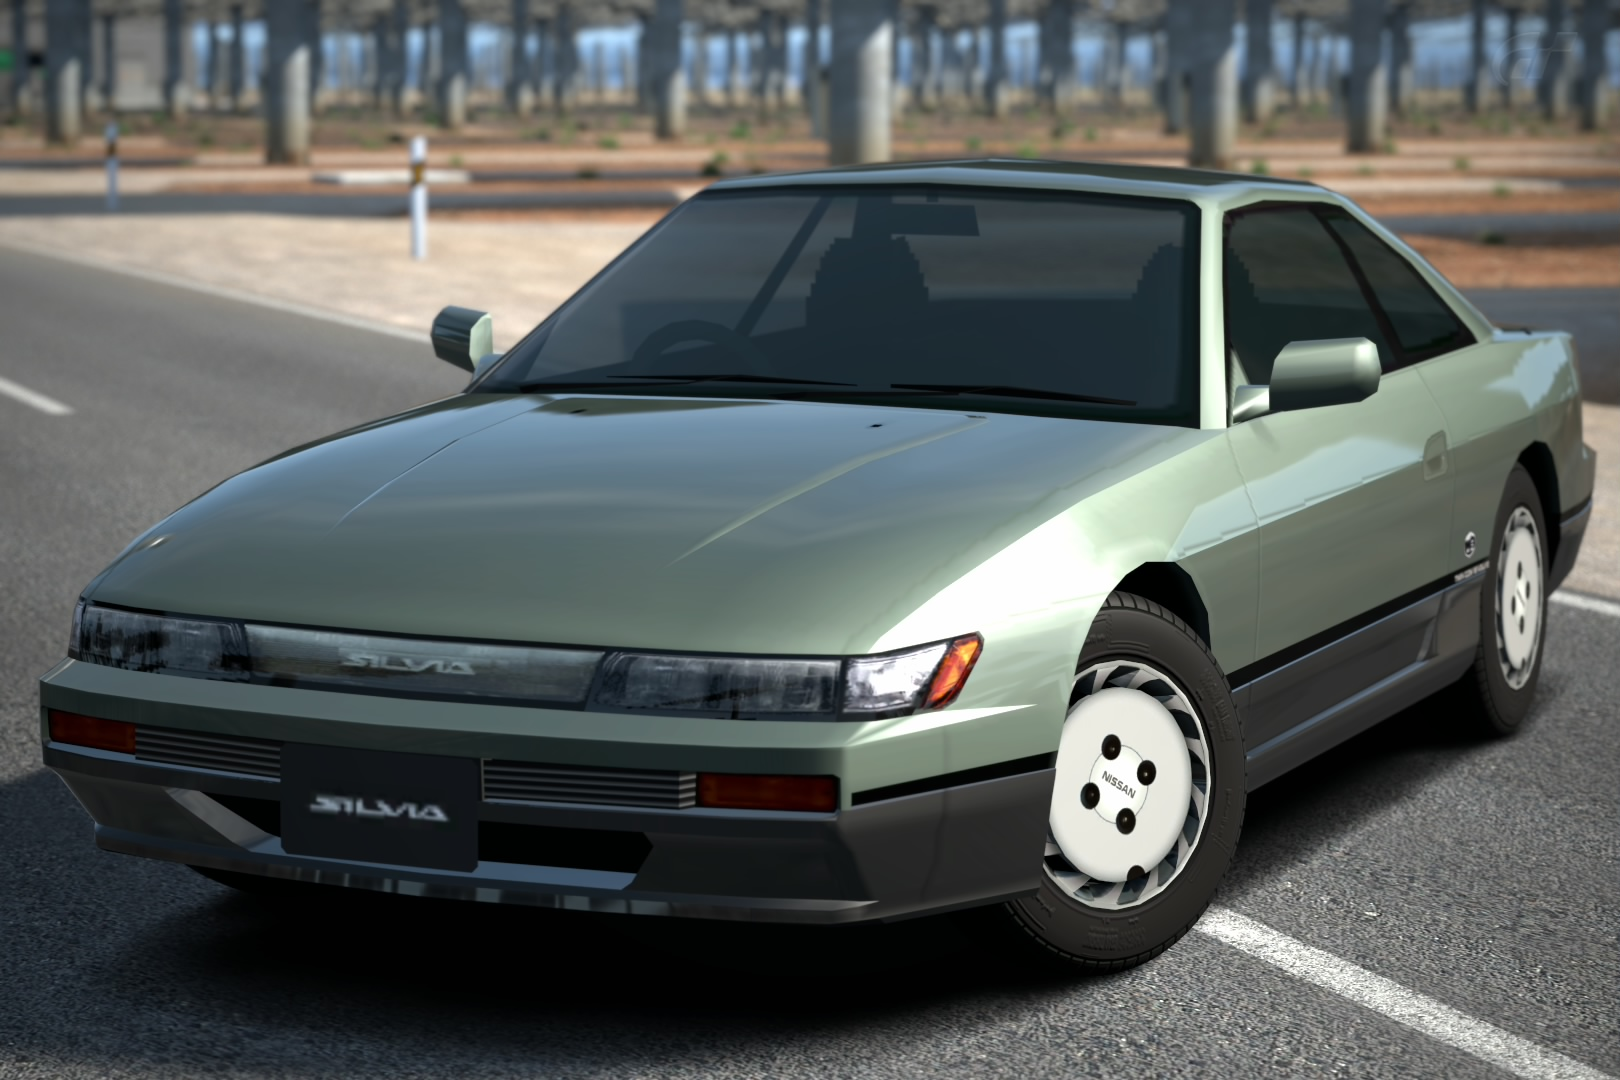 Nissan Silvia Q S S13 88 Gran Turismo Wiki Fandom